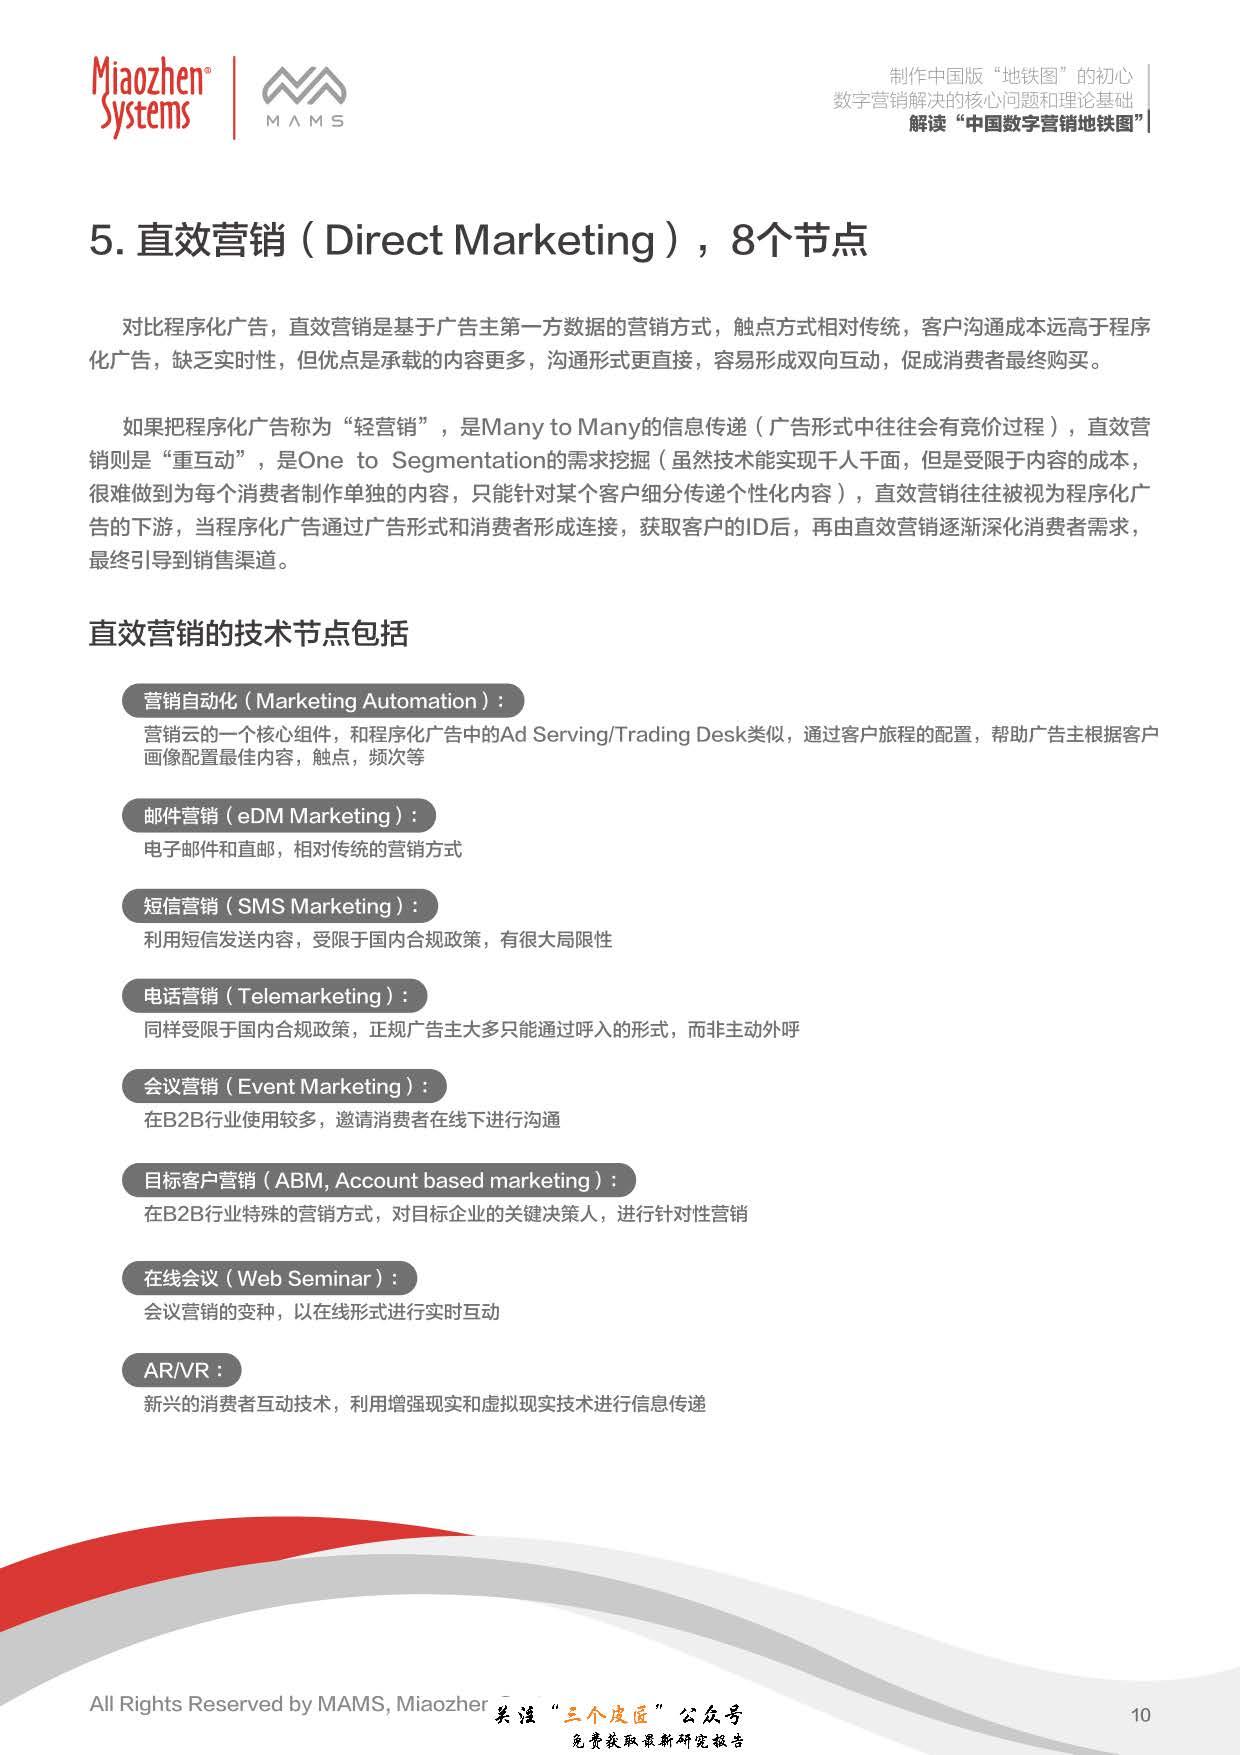 秒针:解读中国数字营销地铁图(28页)_页面_11.jpg